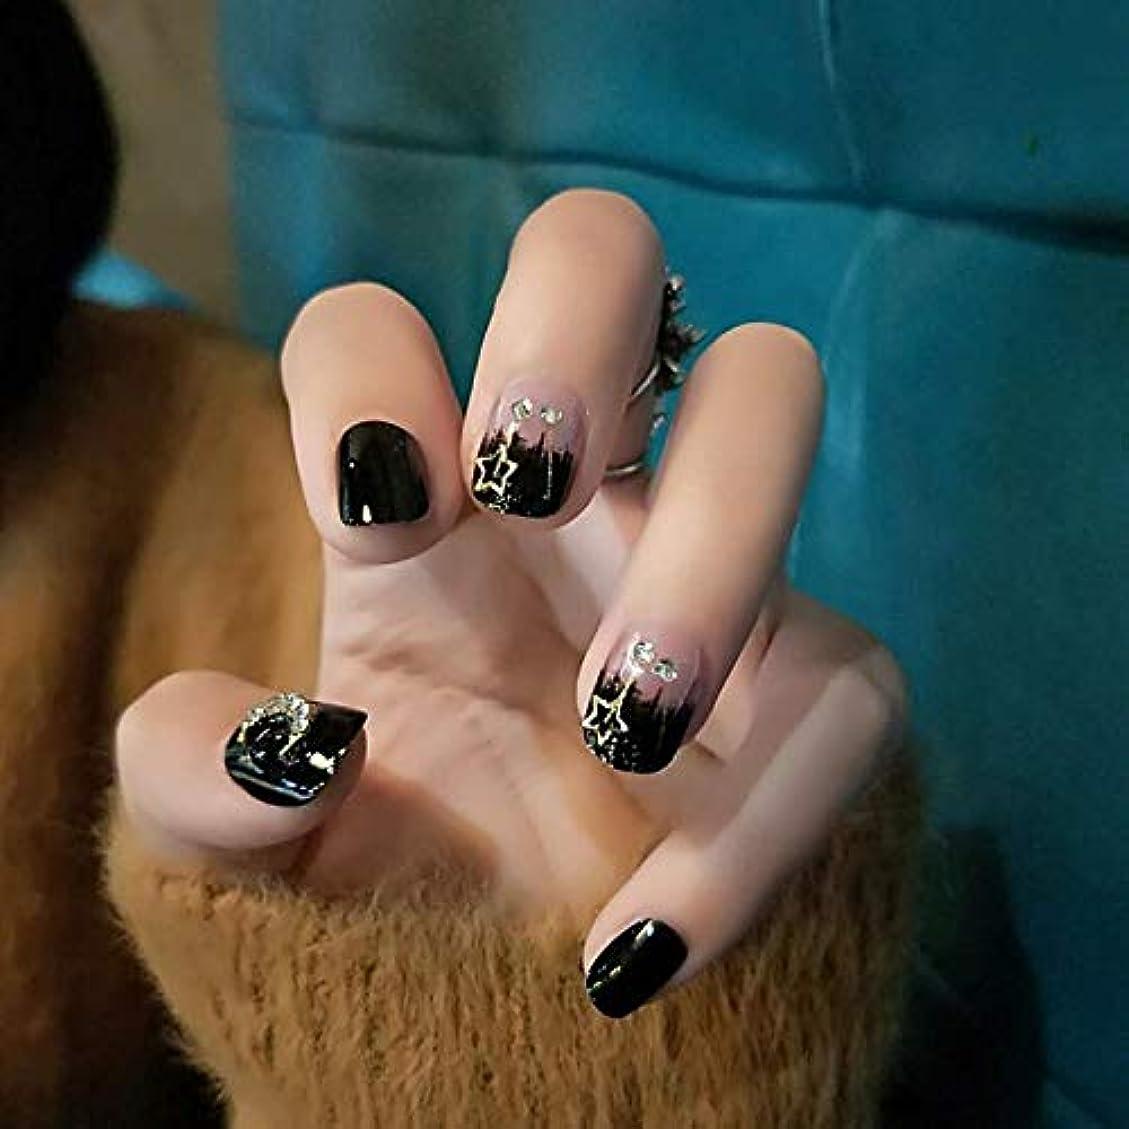 その他時期尚早フックNANNAN ネイルチップ ネイルチップ つけ爪 付け爪 つけ方簡単 ネイル デコネイルコレクション シール ハロウィン 母の日 パーティ 人気 毎日変身 24枚セット